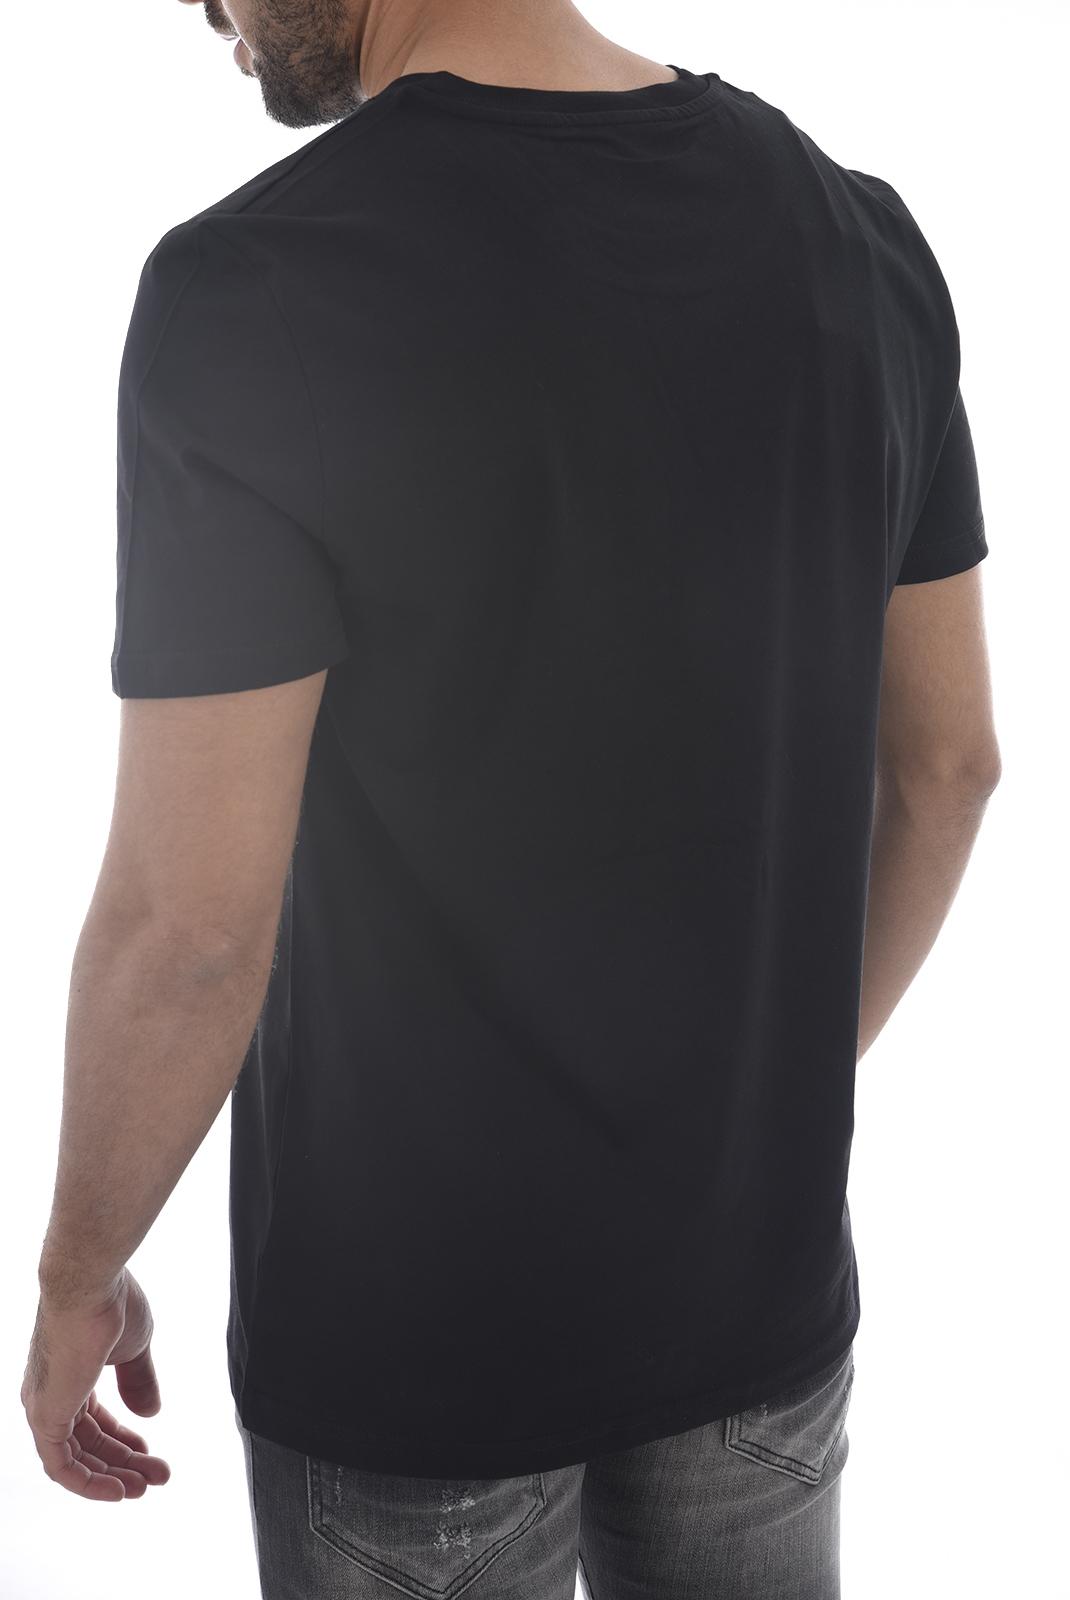 HOMME  Moschino ZA0708 1555 BLACK